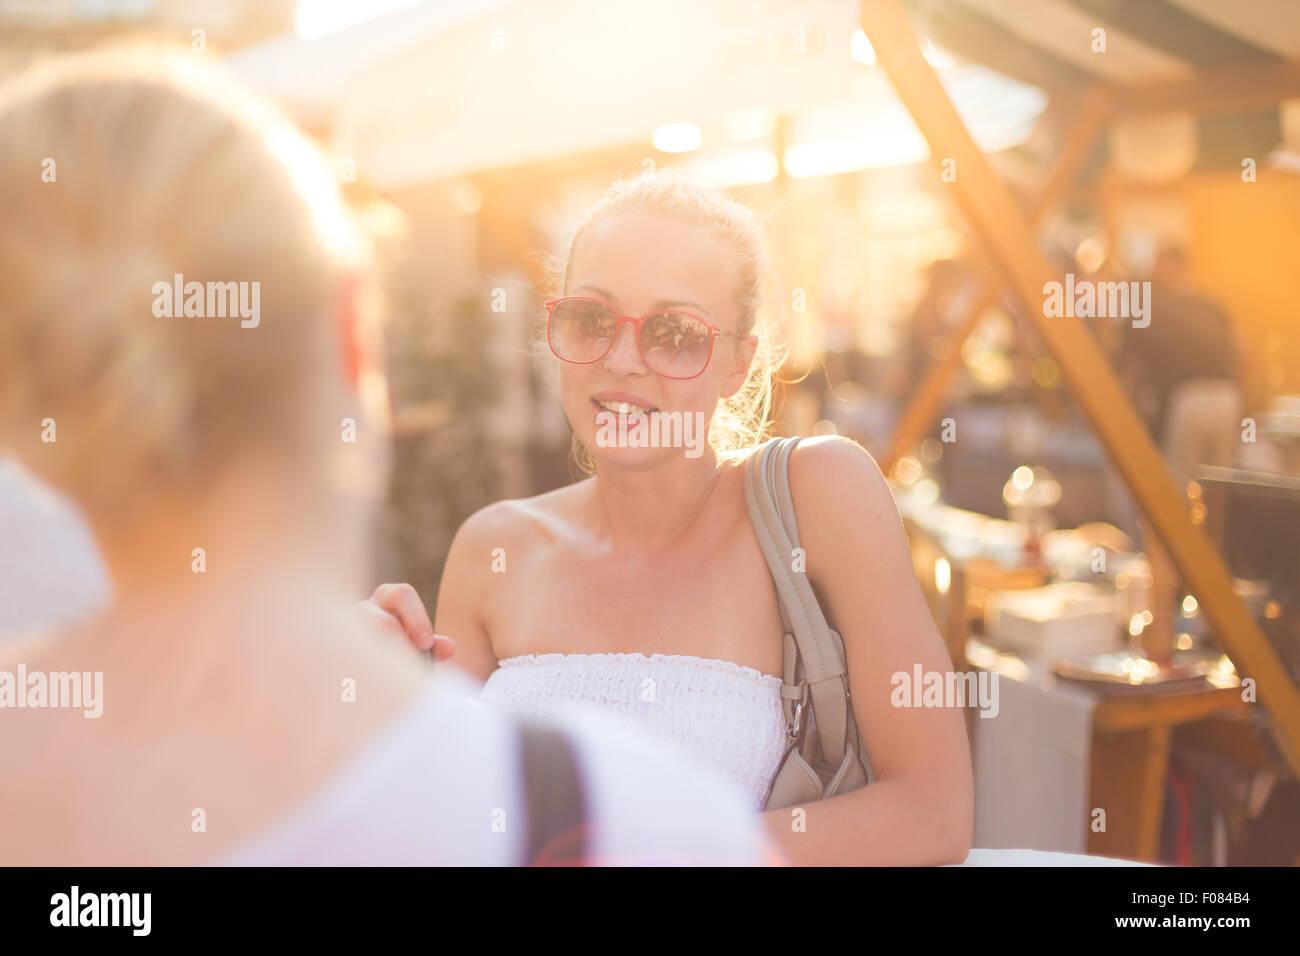 Amici di sesso femminile godendo di una conversazione sul mercato. Immagini Stock